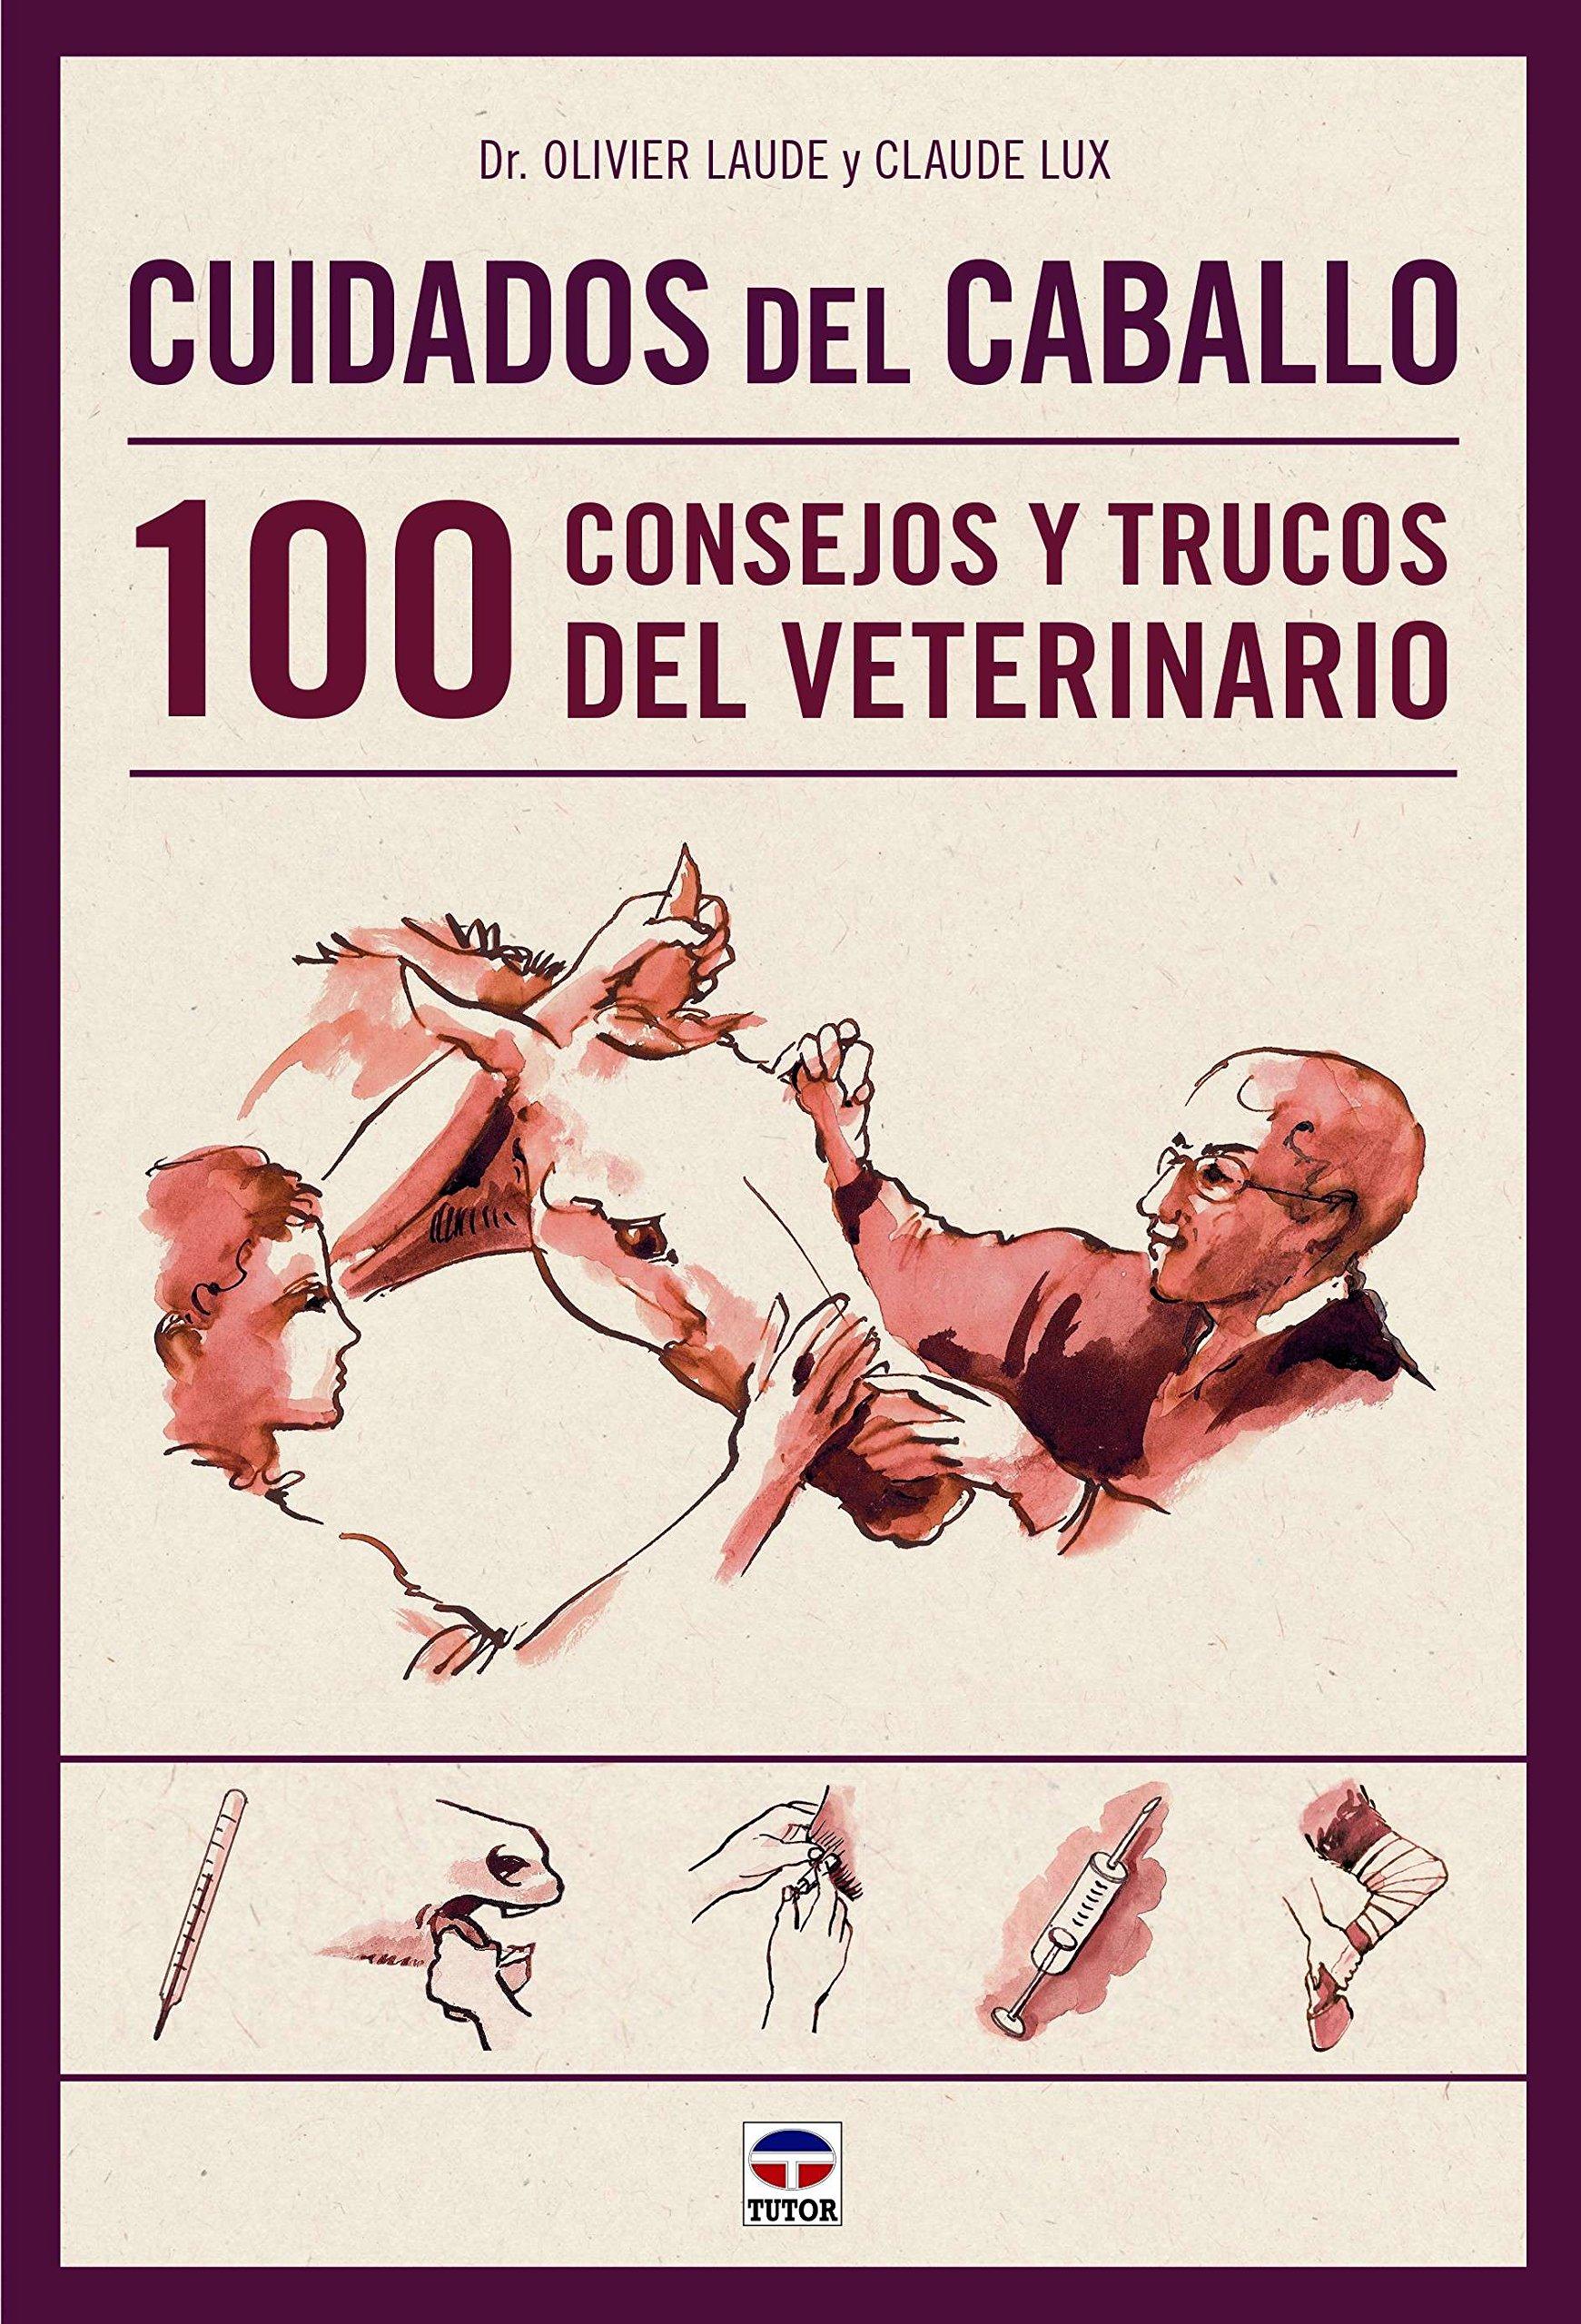 Cuidados del caballo: 100 consejos y trucos del veterinario de Olivier Laude y Claude Lux